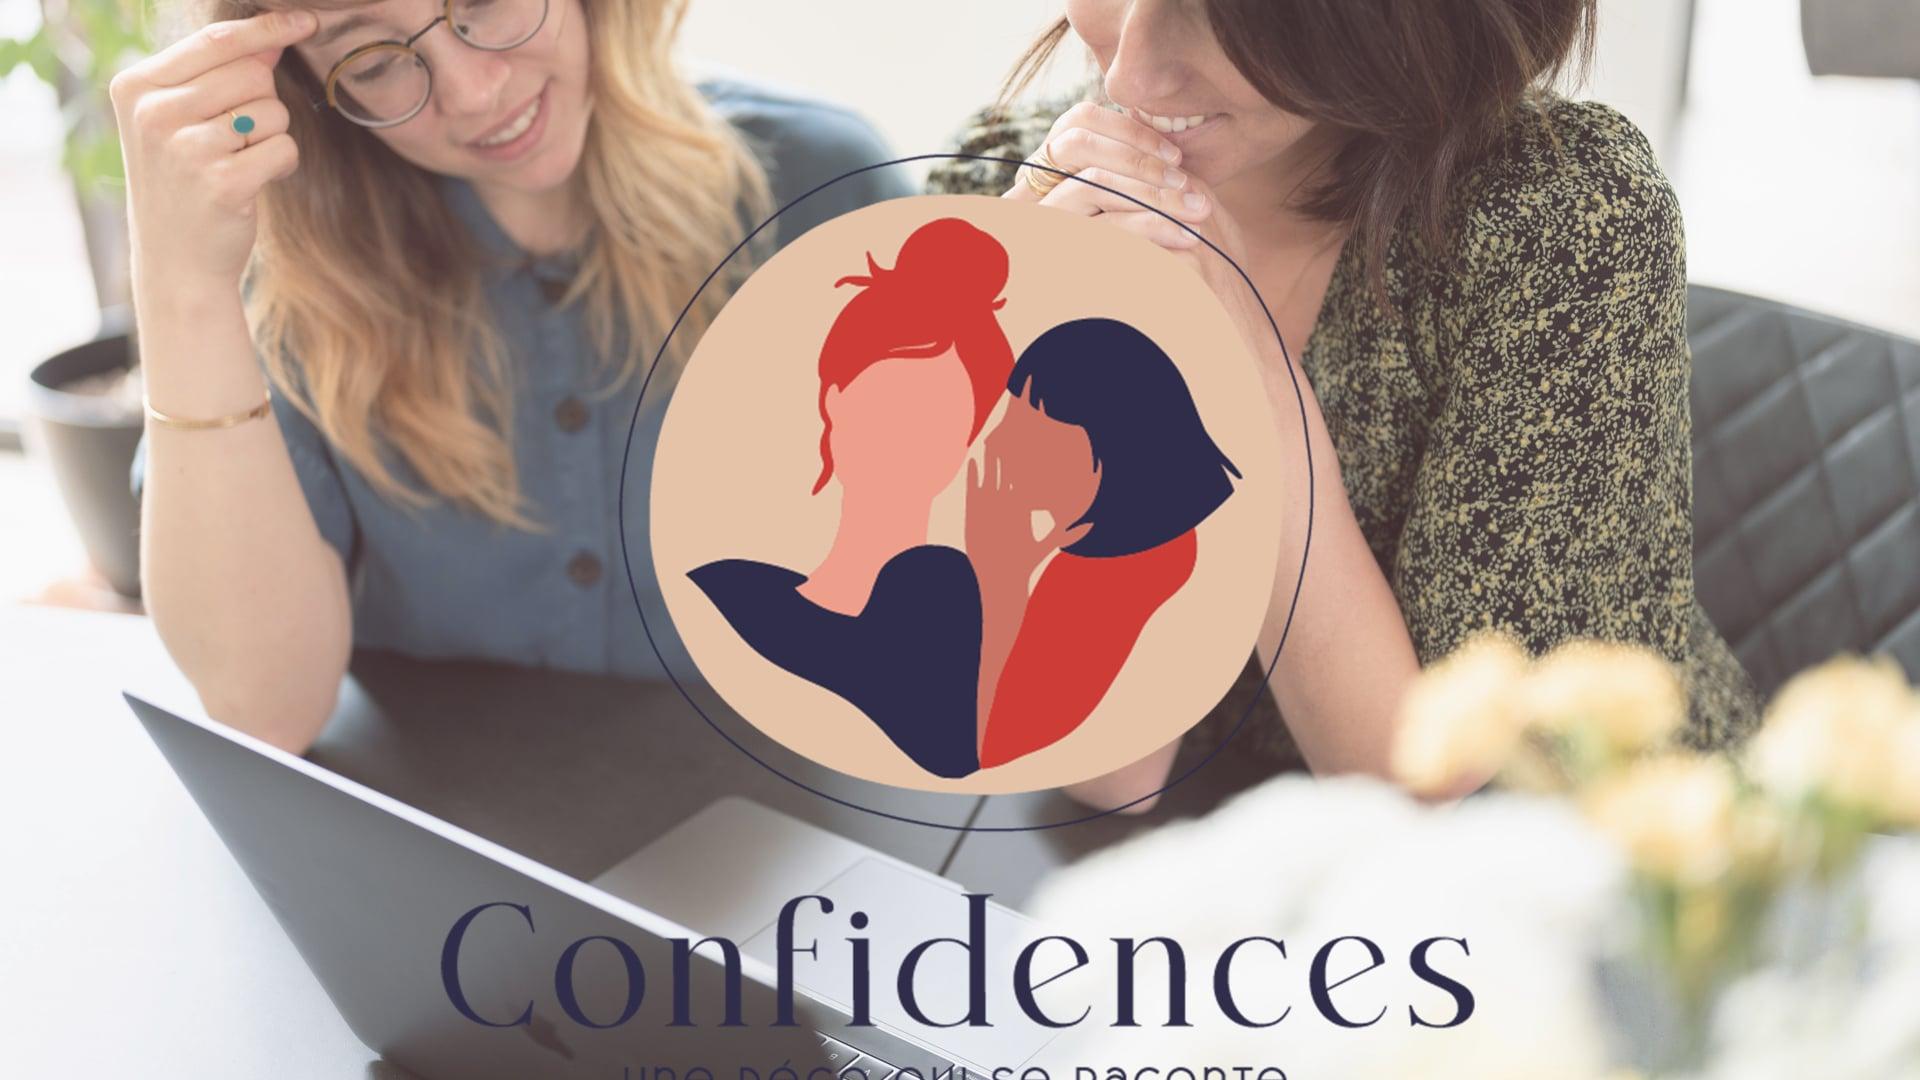 Confidences Déco - Teaser vidéo Instagram